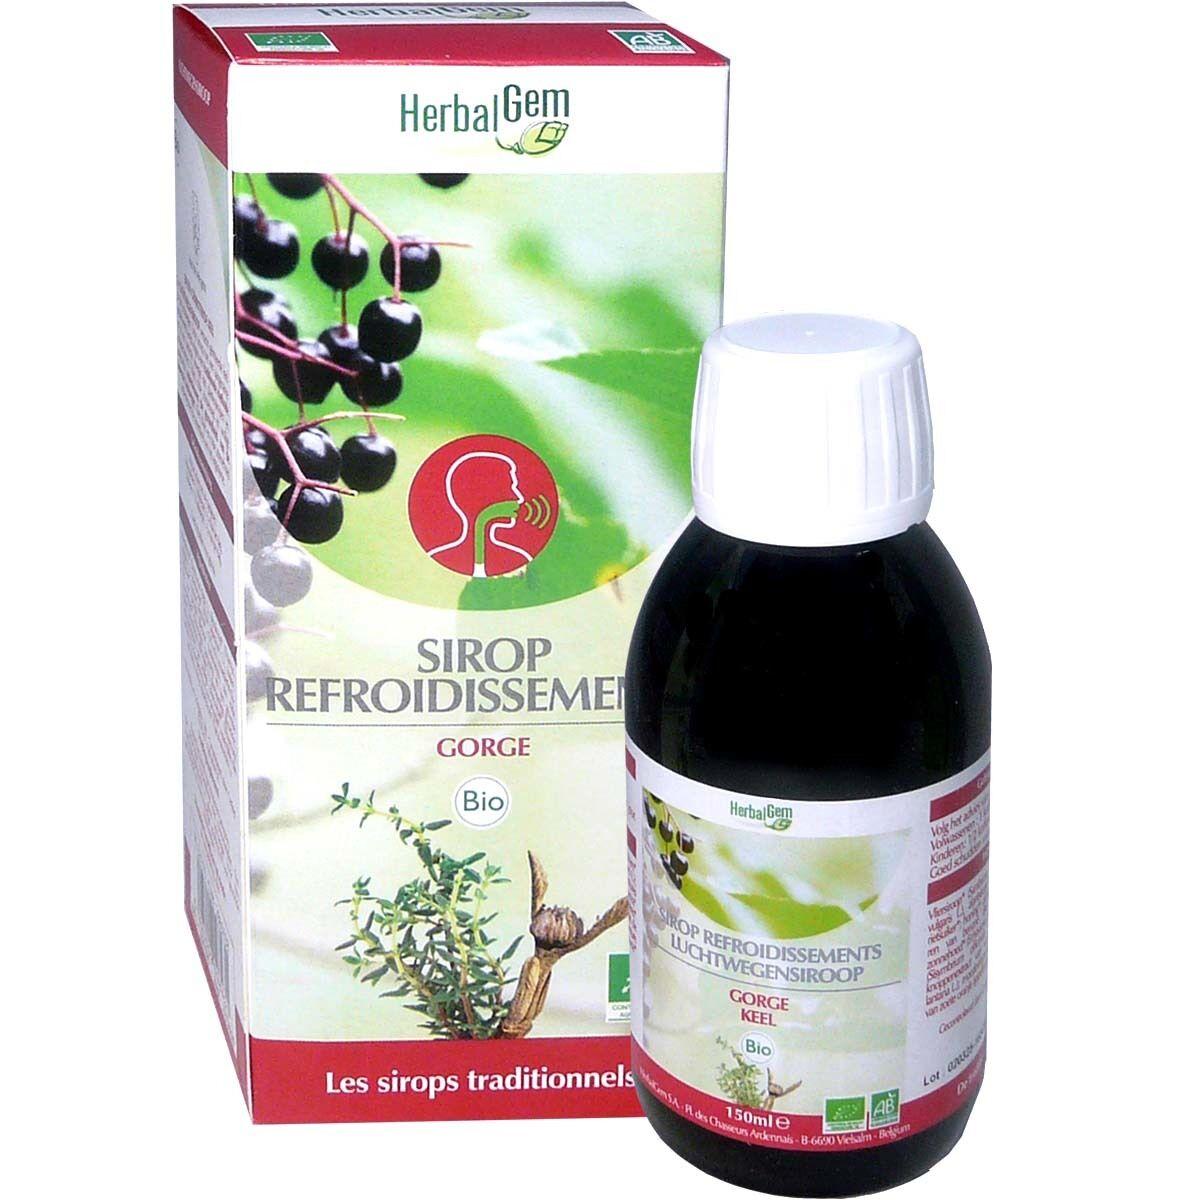 Herbalgem sirop refroidissement gorge bio 150ml